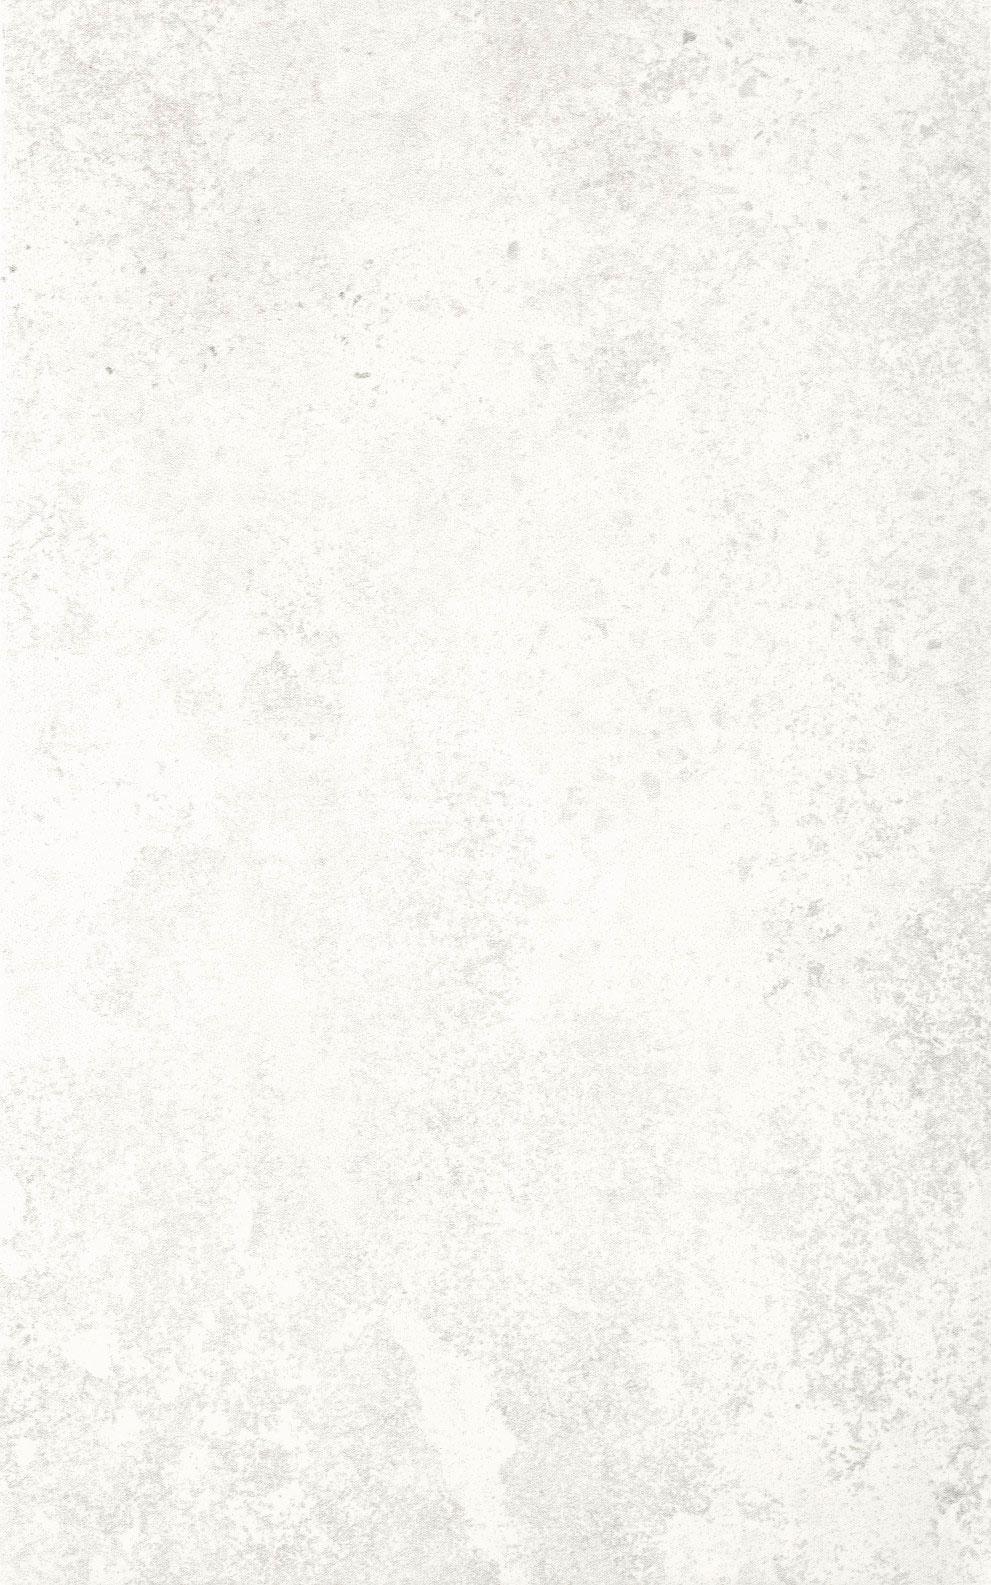 Настенная плитка Ceramika Paradyz Brook Grys 25х40 (1,3) nirrad grys плитка настенная 200х600 мм 51 84